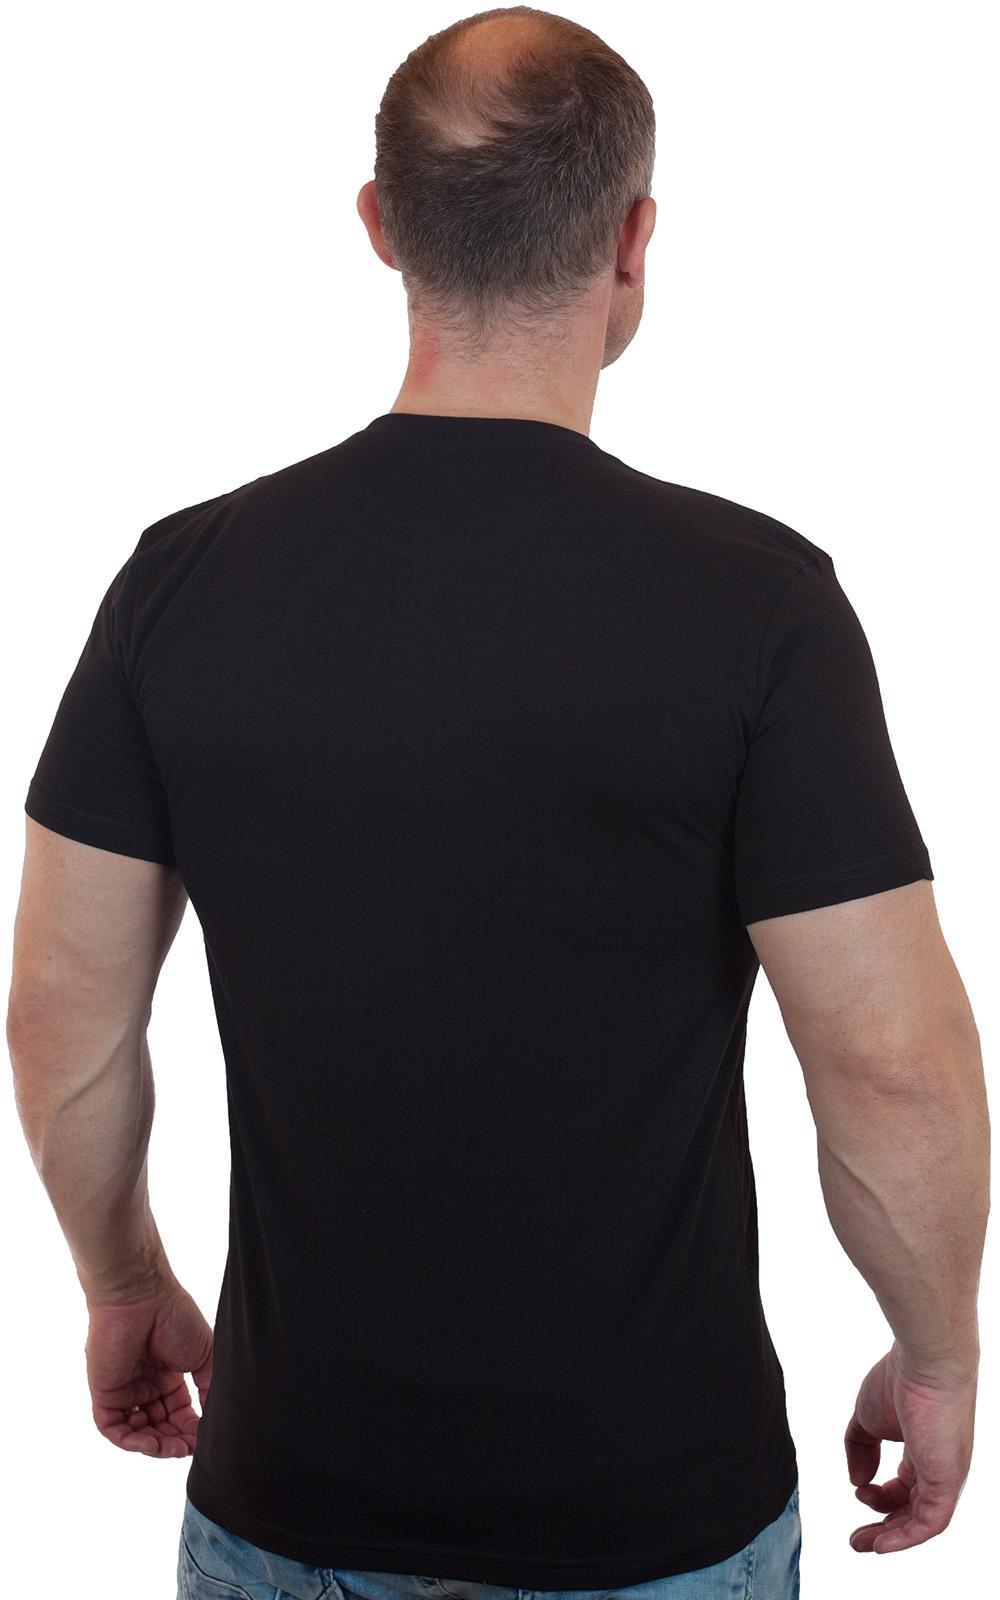 Мужская футболка с вышивкой ДШБ НИКТО КРОМЕ НАС